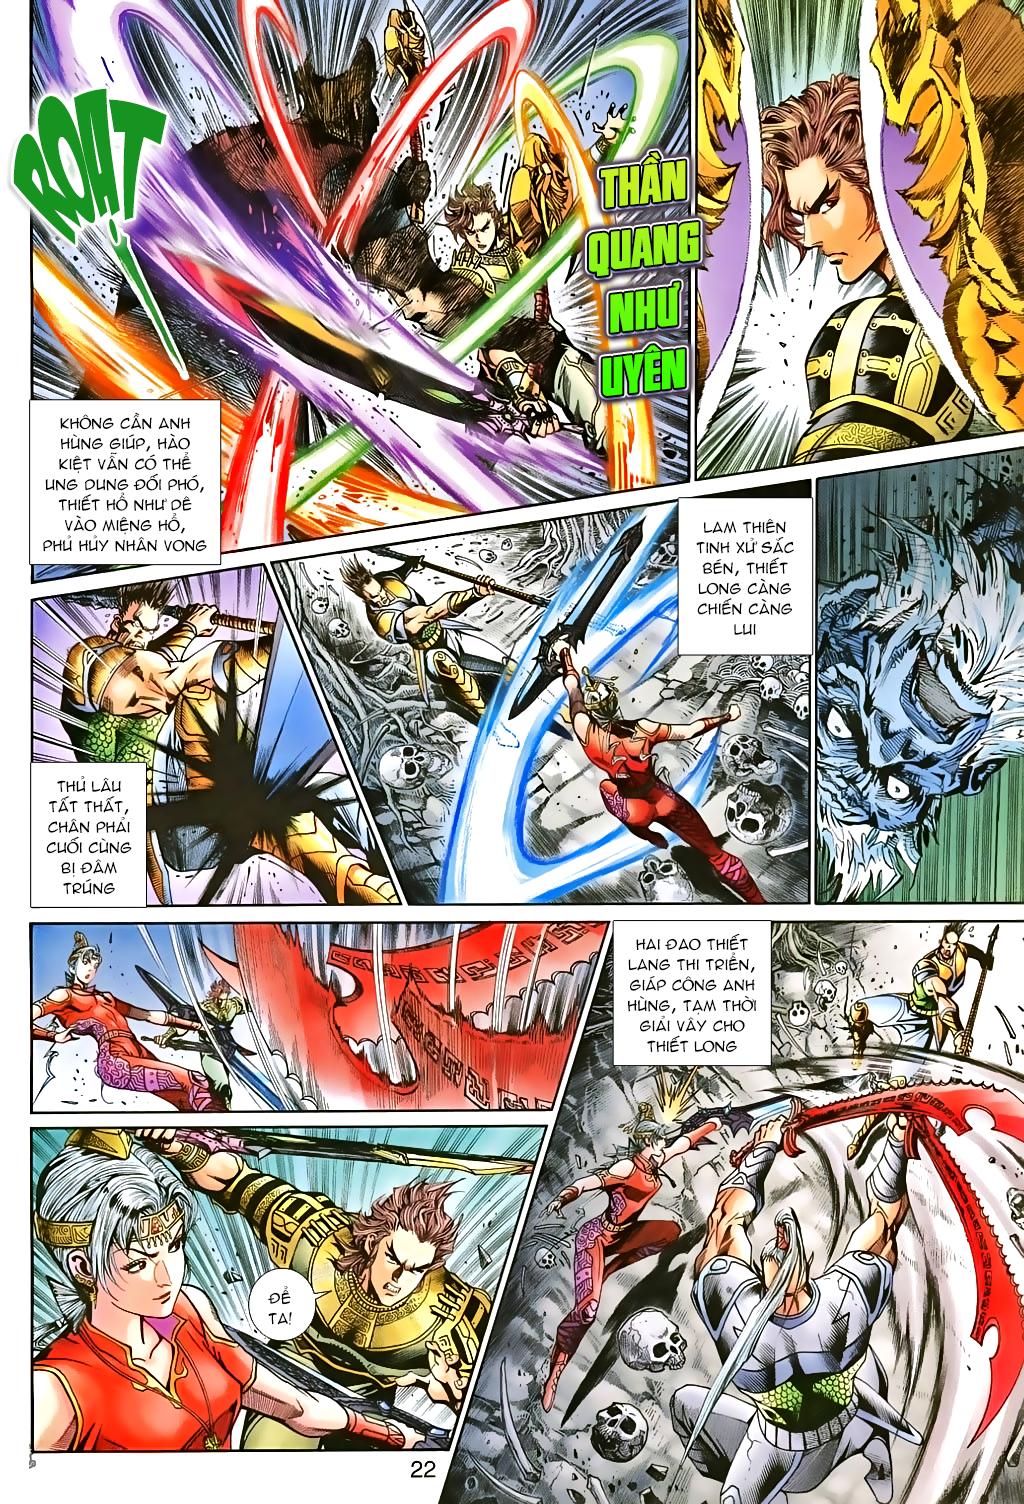 Thần binh huyền kỳ 3 - 3.5 tập 81 - 21